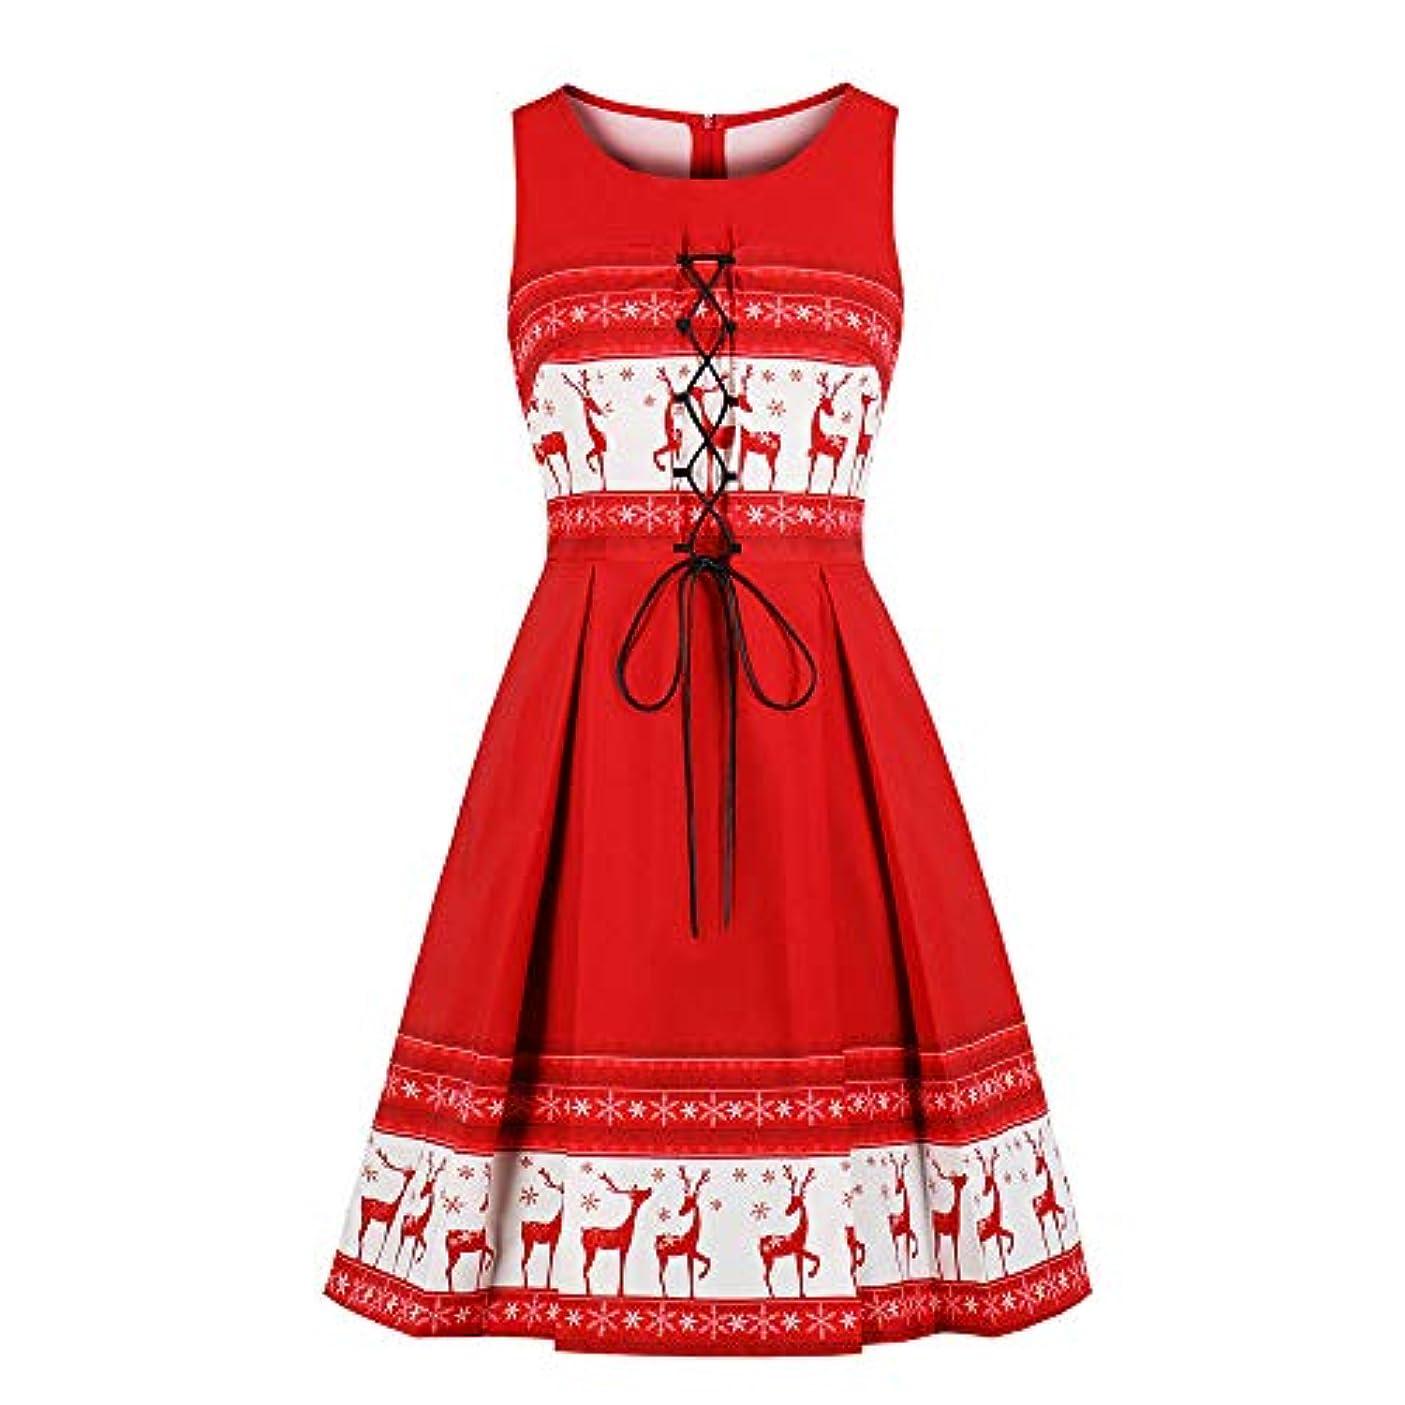 予想外神話腹ワンピース BOBOGOJP 4種類 S?4XL クリスマス スペシャル 女性 レディース ビンテージ アンティーク 華やかな 美しい 主人公 ノースリーブ イブニングパーティー ドレス スイング ドレス